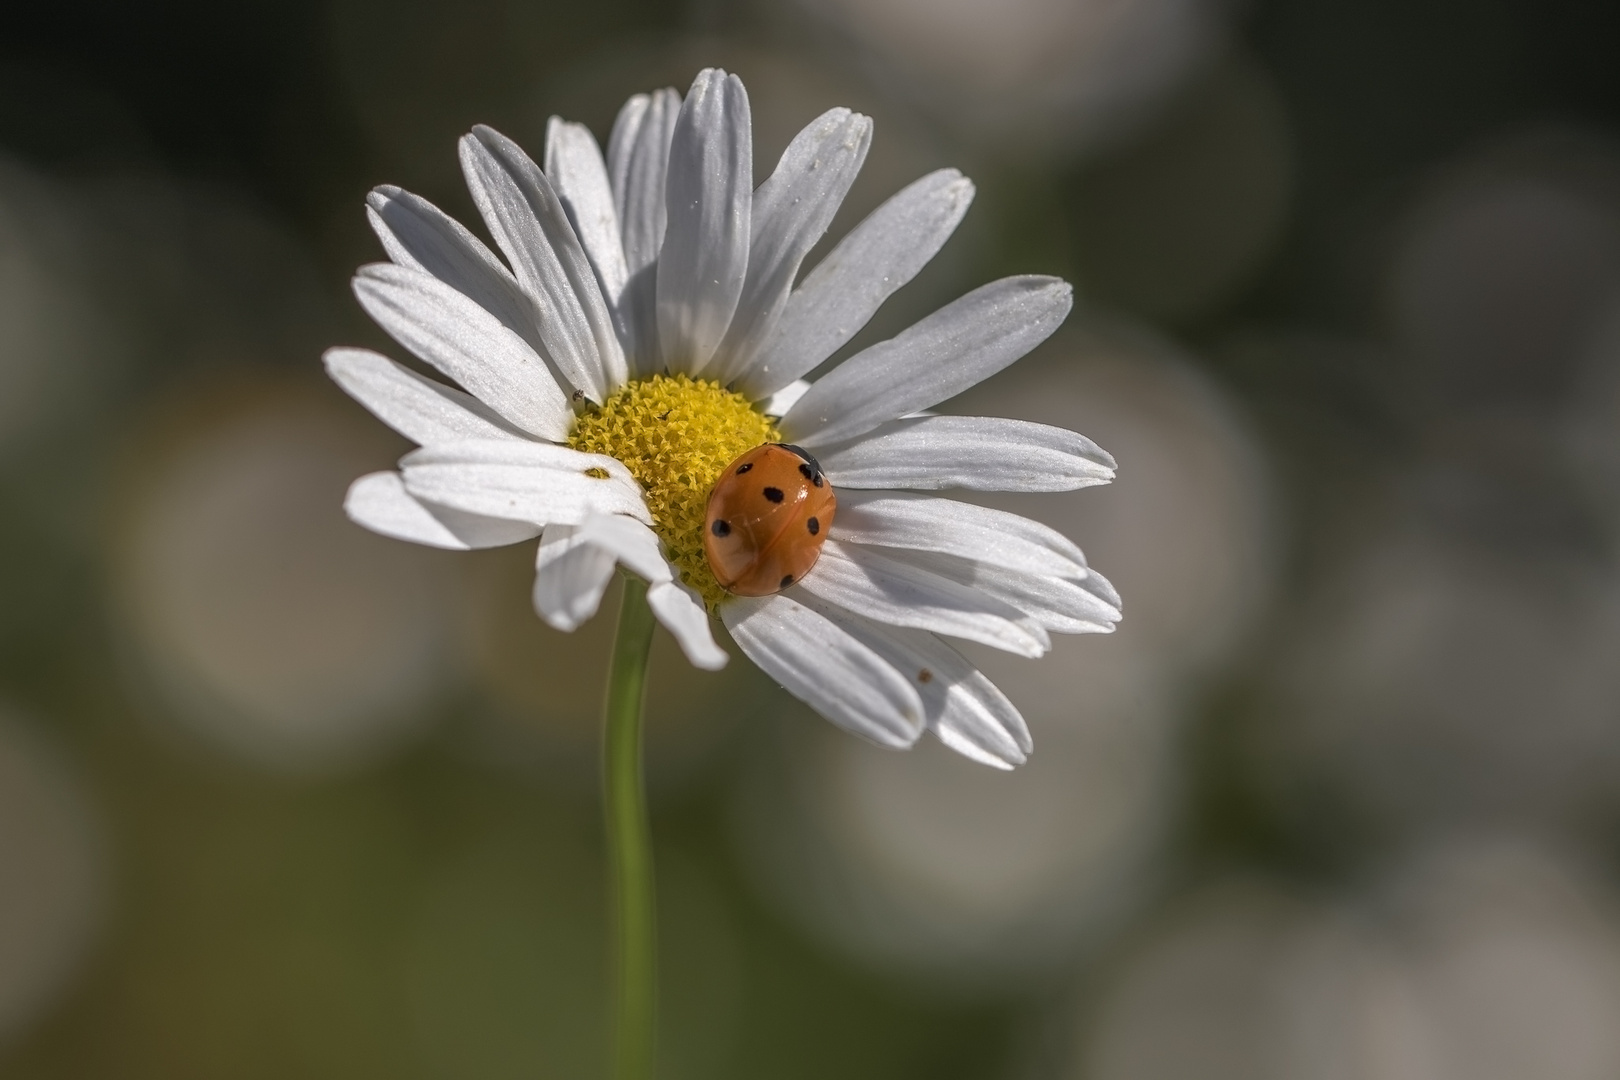 Blume Mit Marienkäfer Foto Bild Makro Natur Blume Bilder Auf